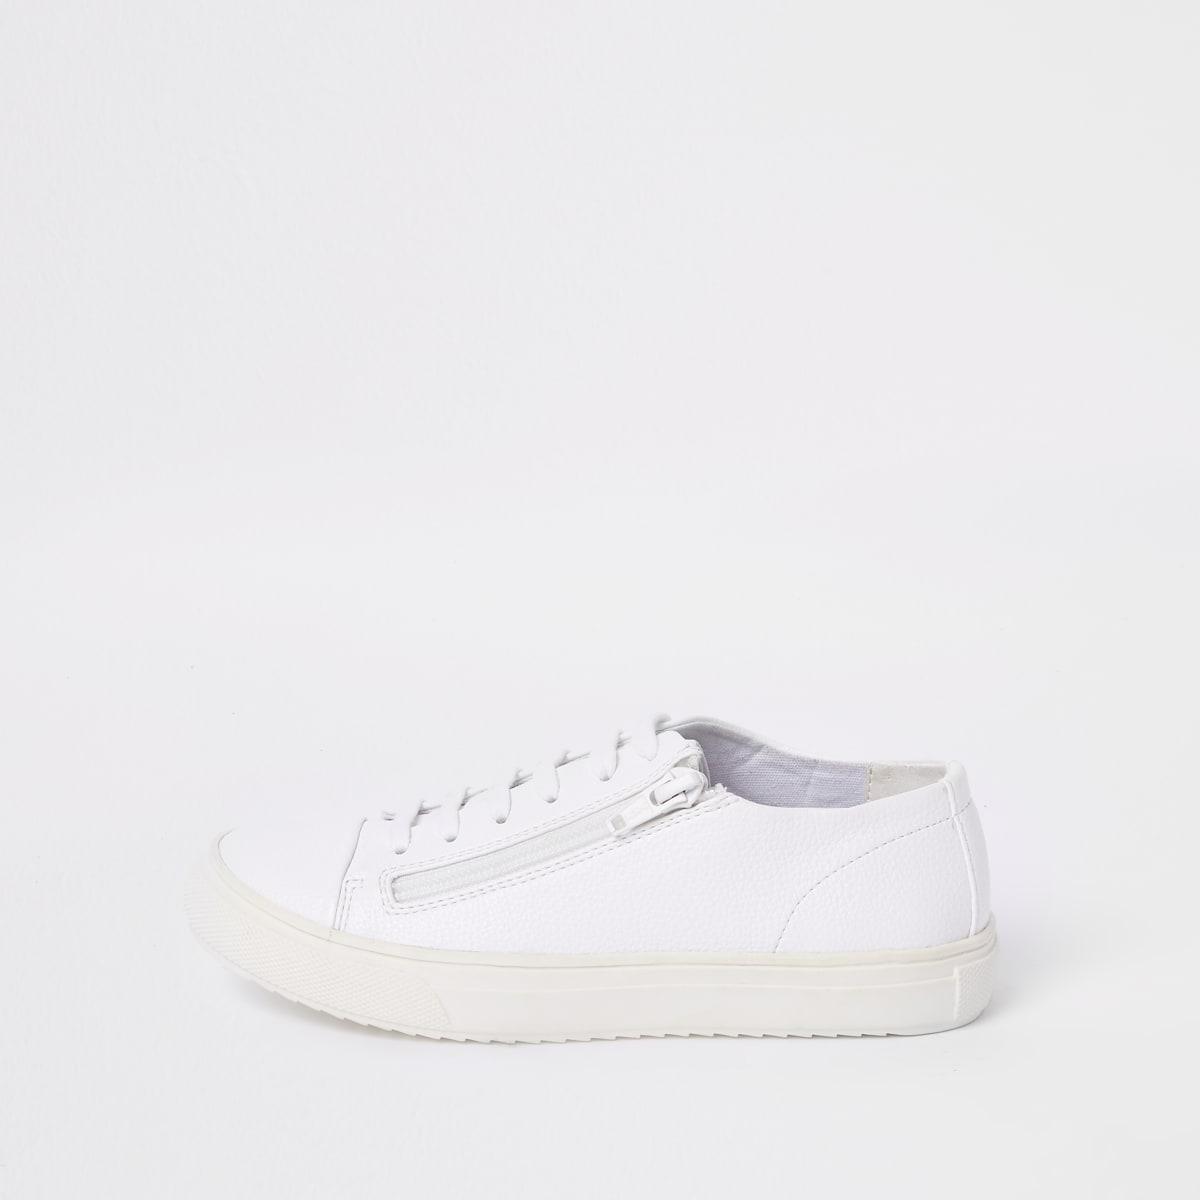 Witte sneakers met veters en rits voor jongens